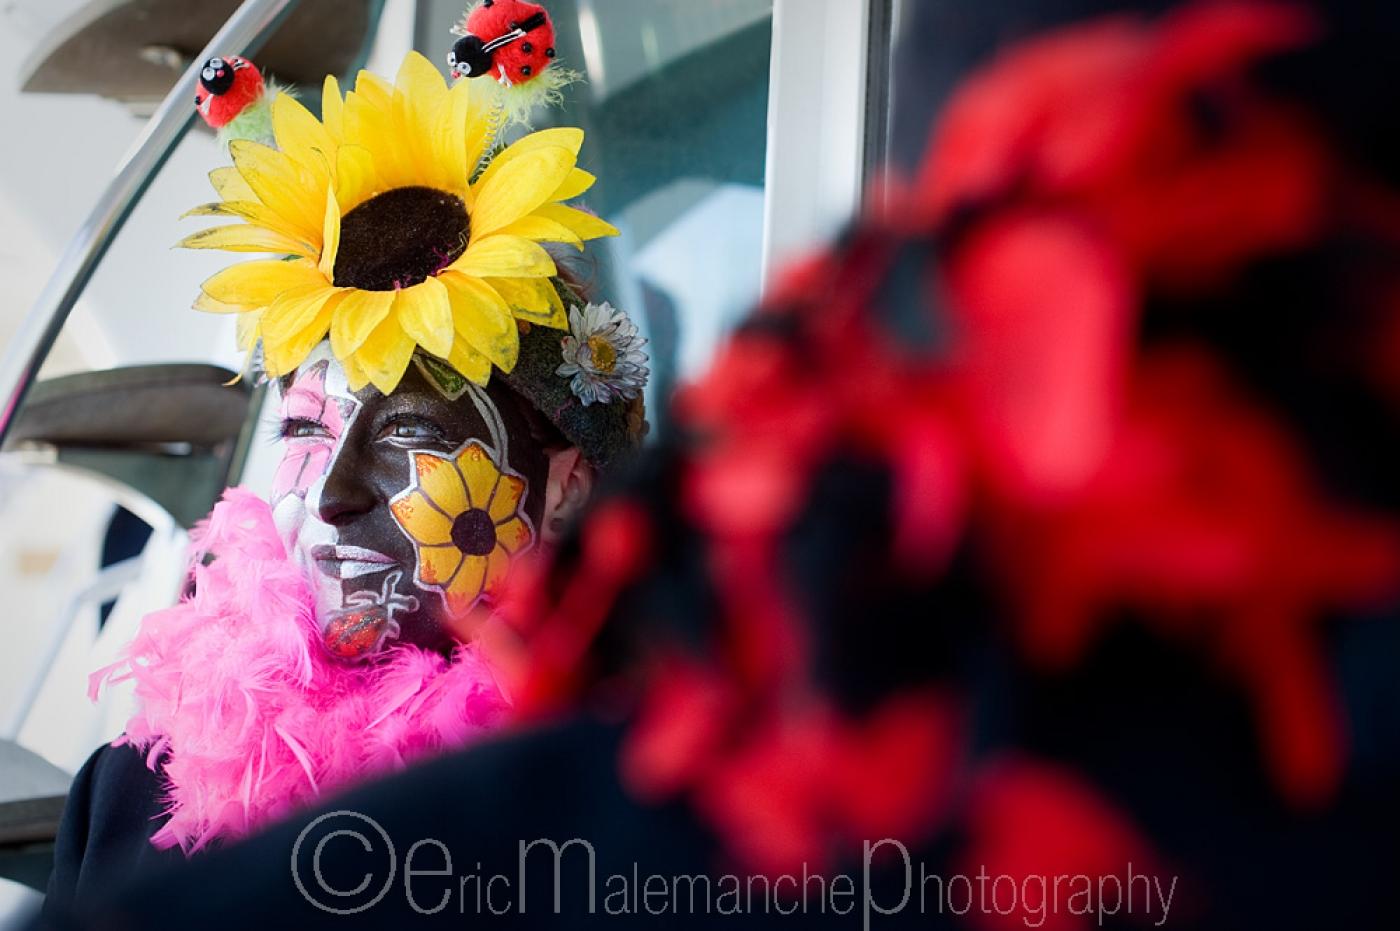 http://www.ericmalemanche.com/imagess/topics/carnaval-de-dunkerque/liste/Carnaval-Dunkerque-1220.jpg